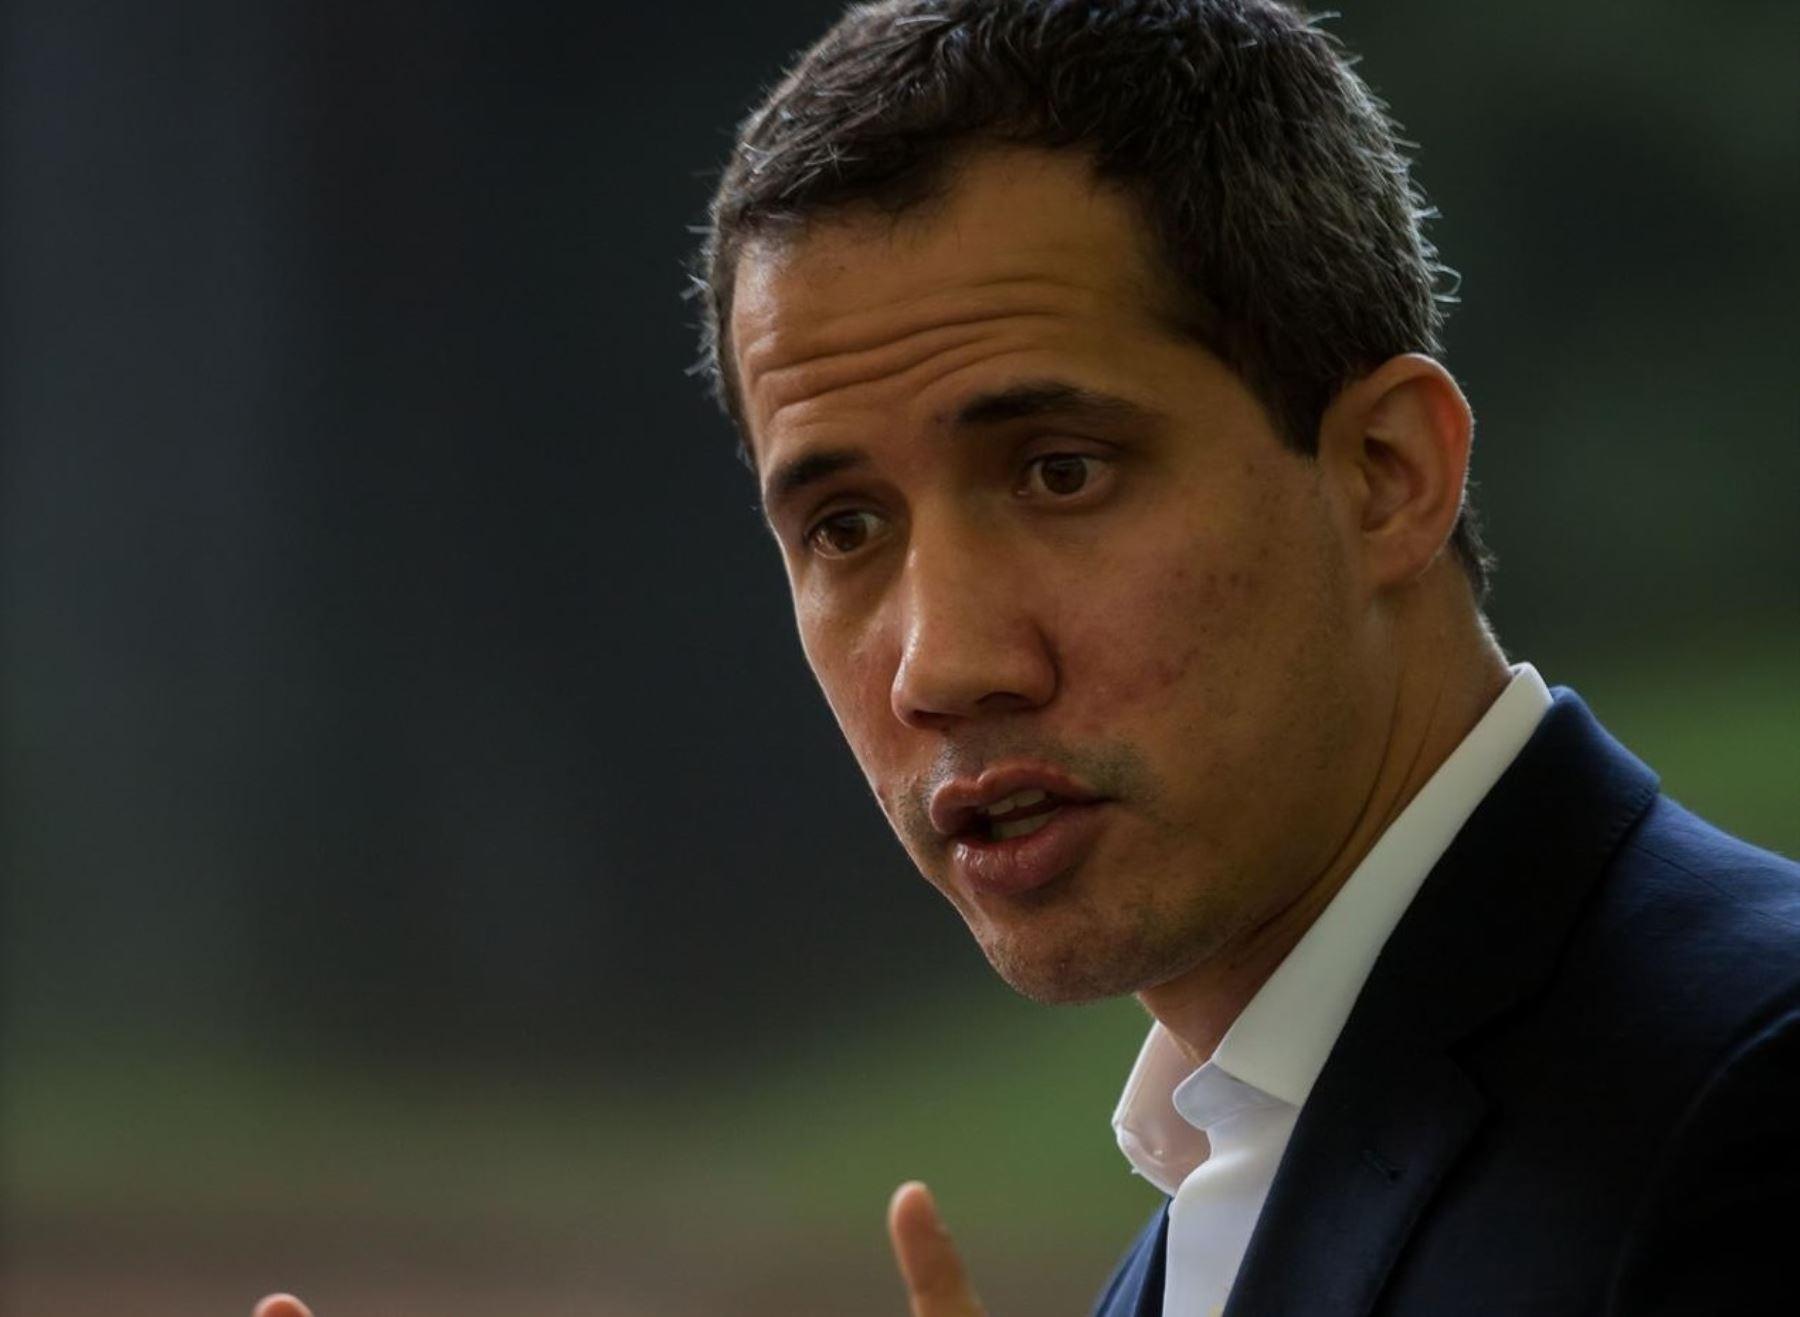 Policía venezolana llega a la casa de Guaidó para detenerlo, según su esposa